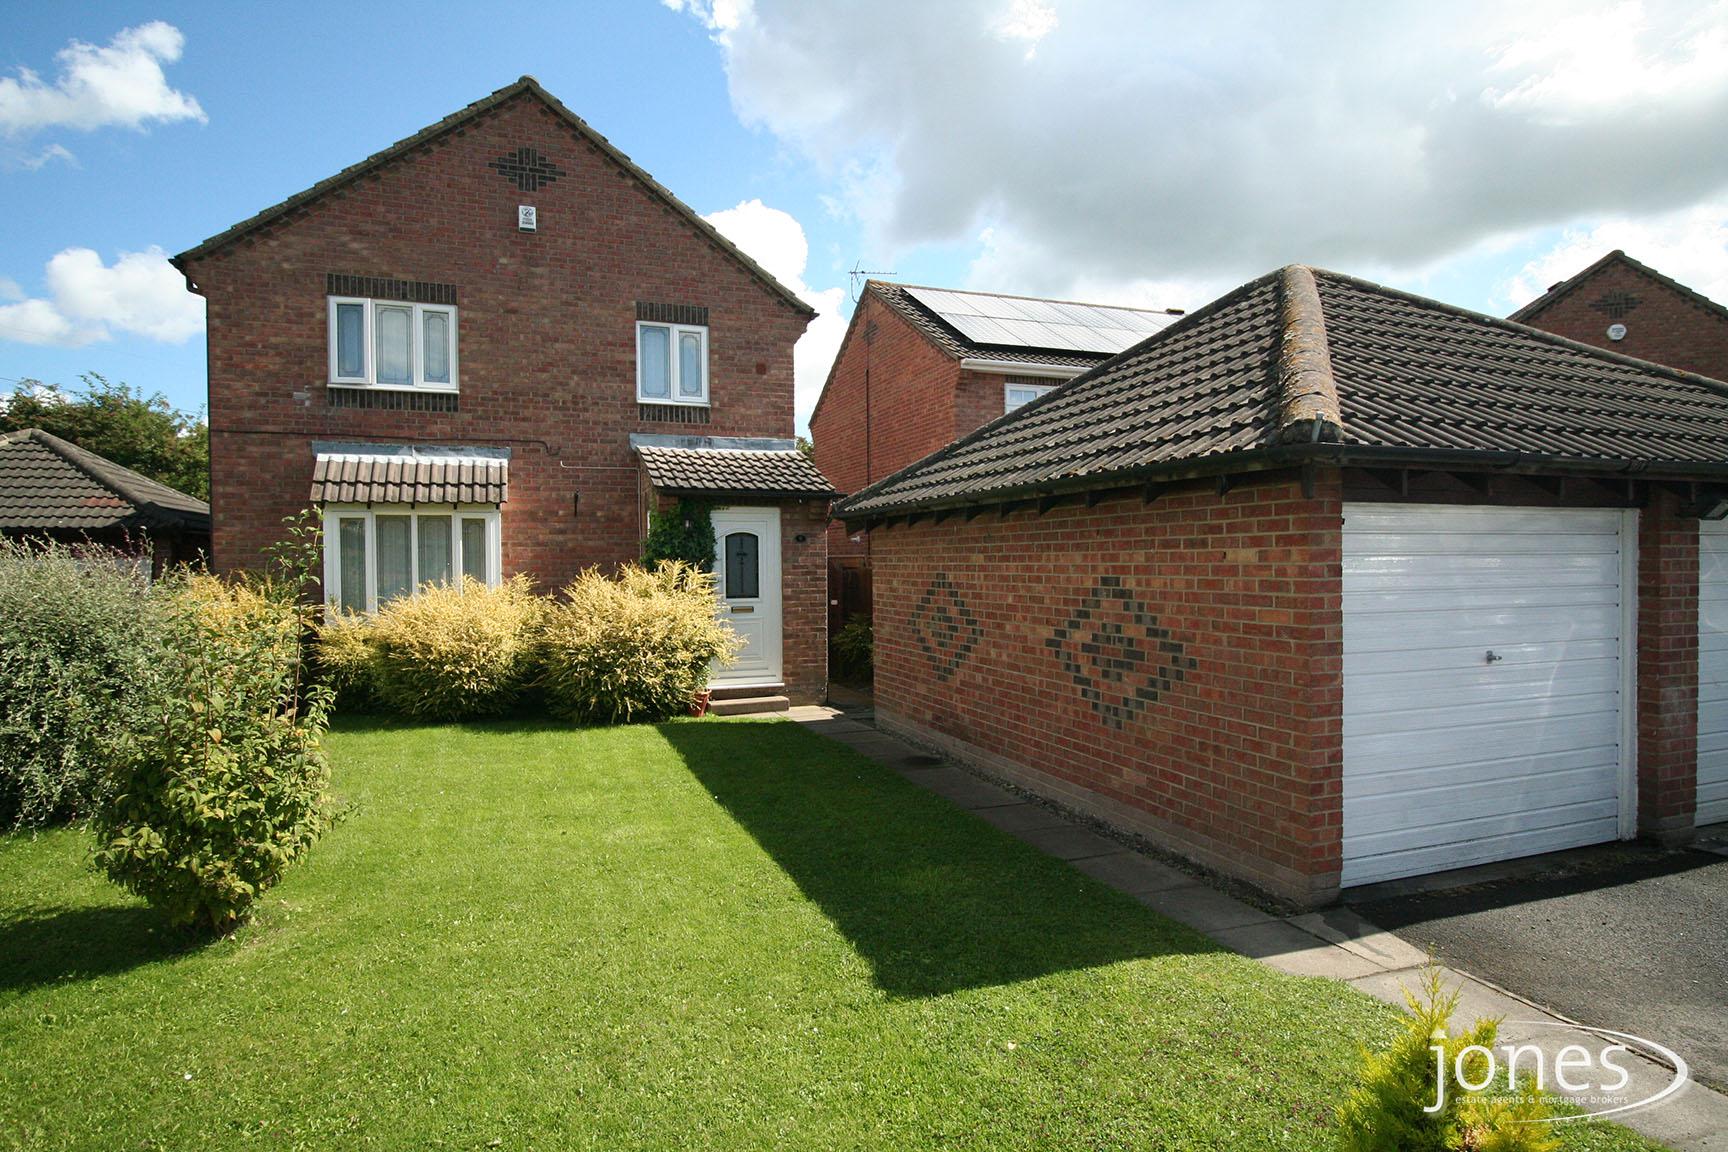 Home for Sale Let - Photo 01 Millington Close, Billingham, TS23 3FD